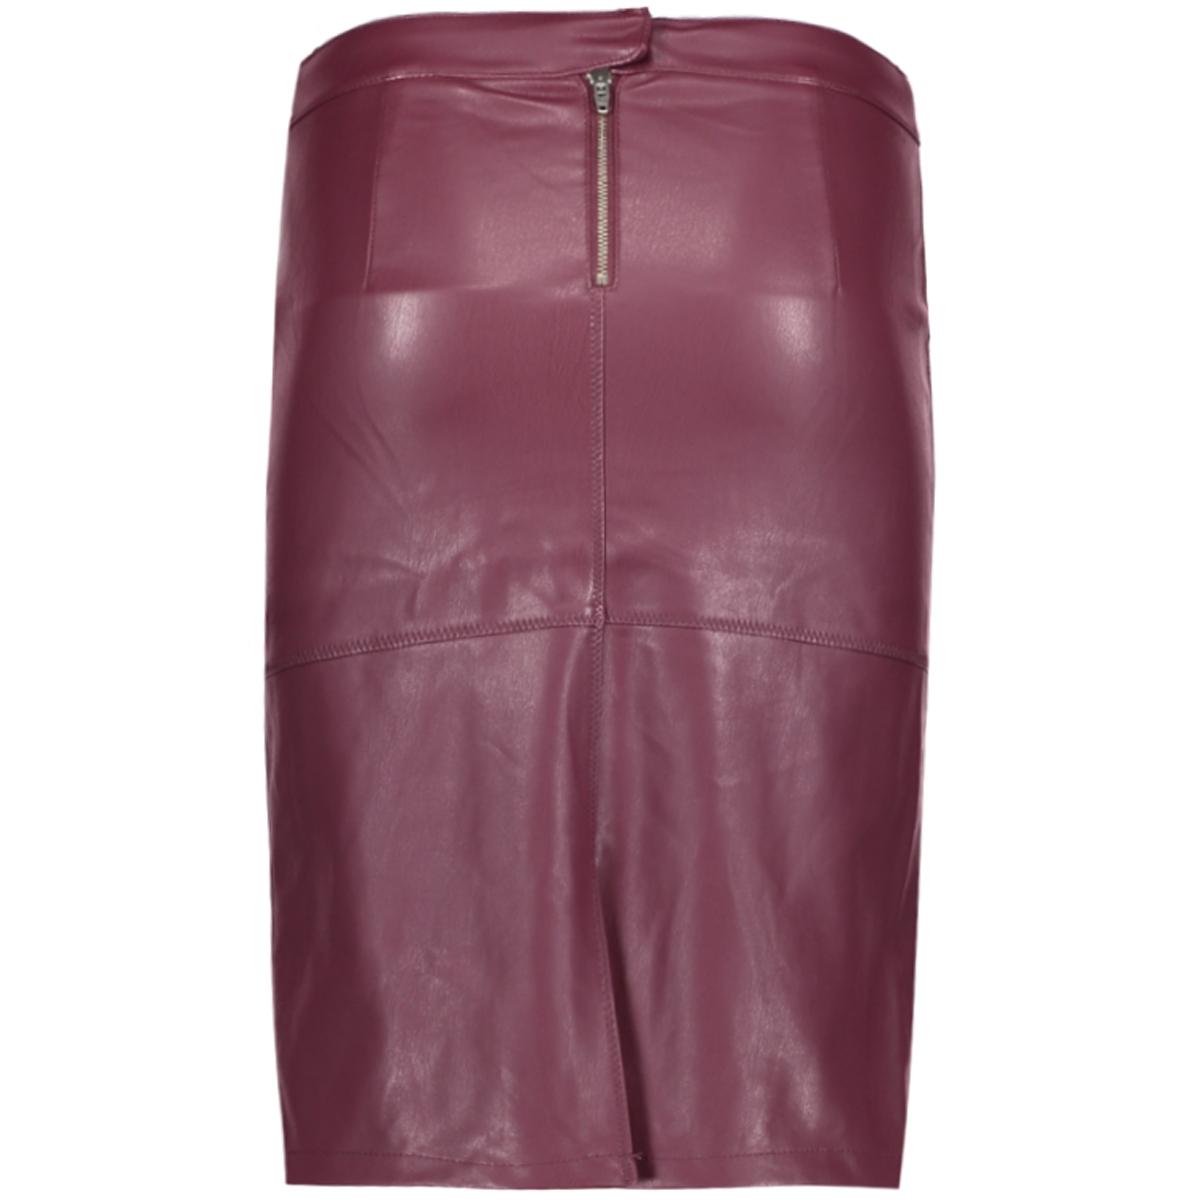 vipen new skirt-noos 14033417 vila rok fig